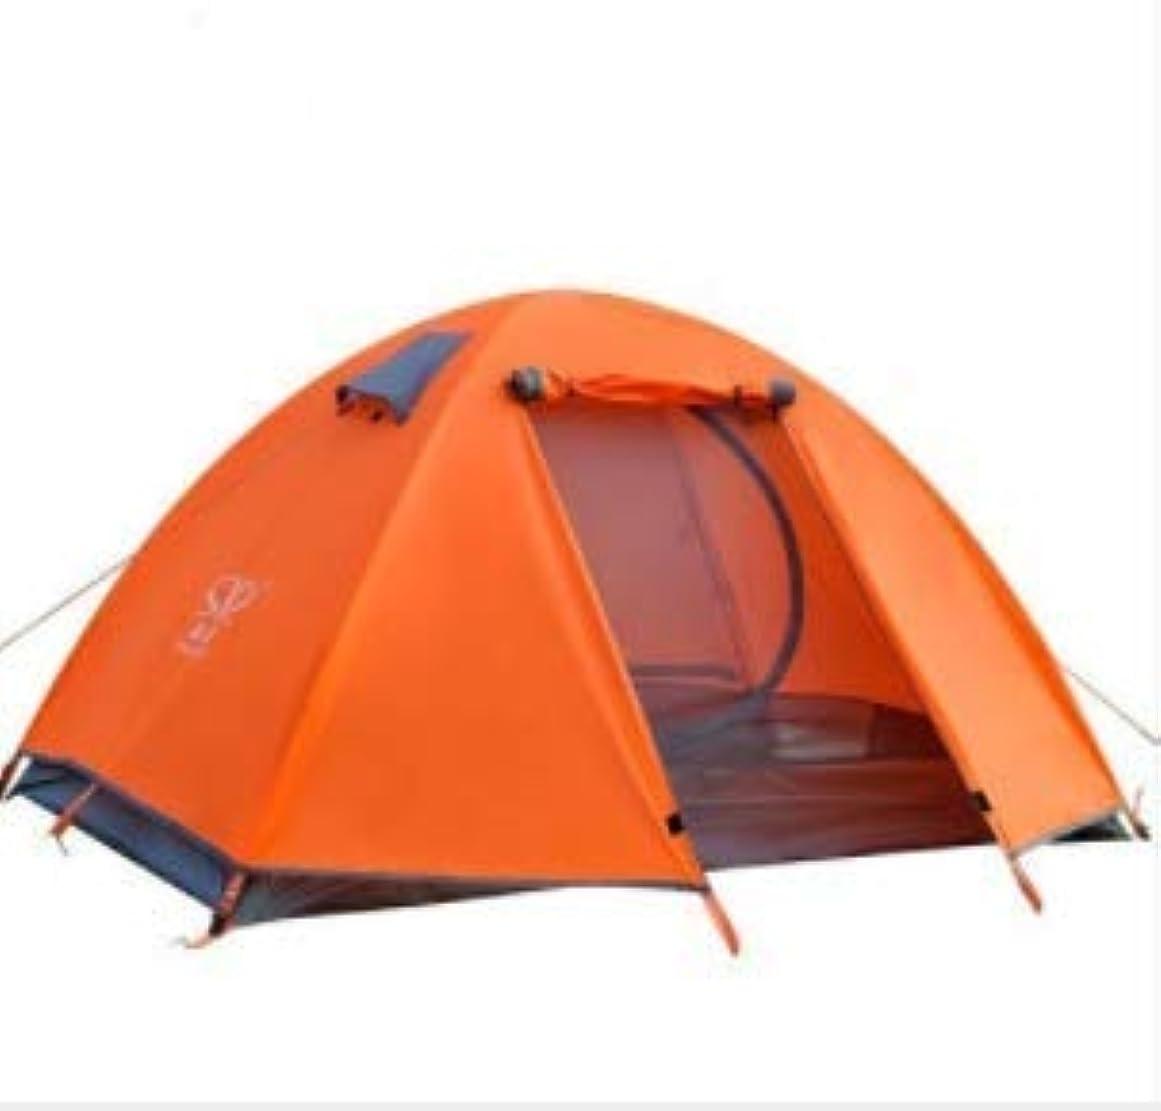 移行する鋸歯状交差点Lishangl 屋外スーパーライトダブルアルミポールテント2人二重ドアプロ防風と防風キャンプキャンプテント (Color : Orange)